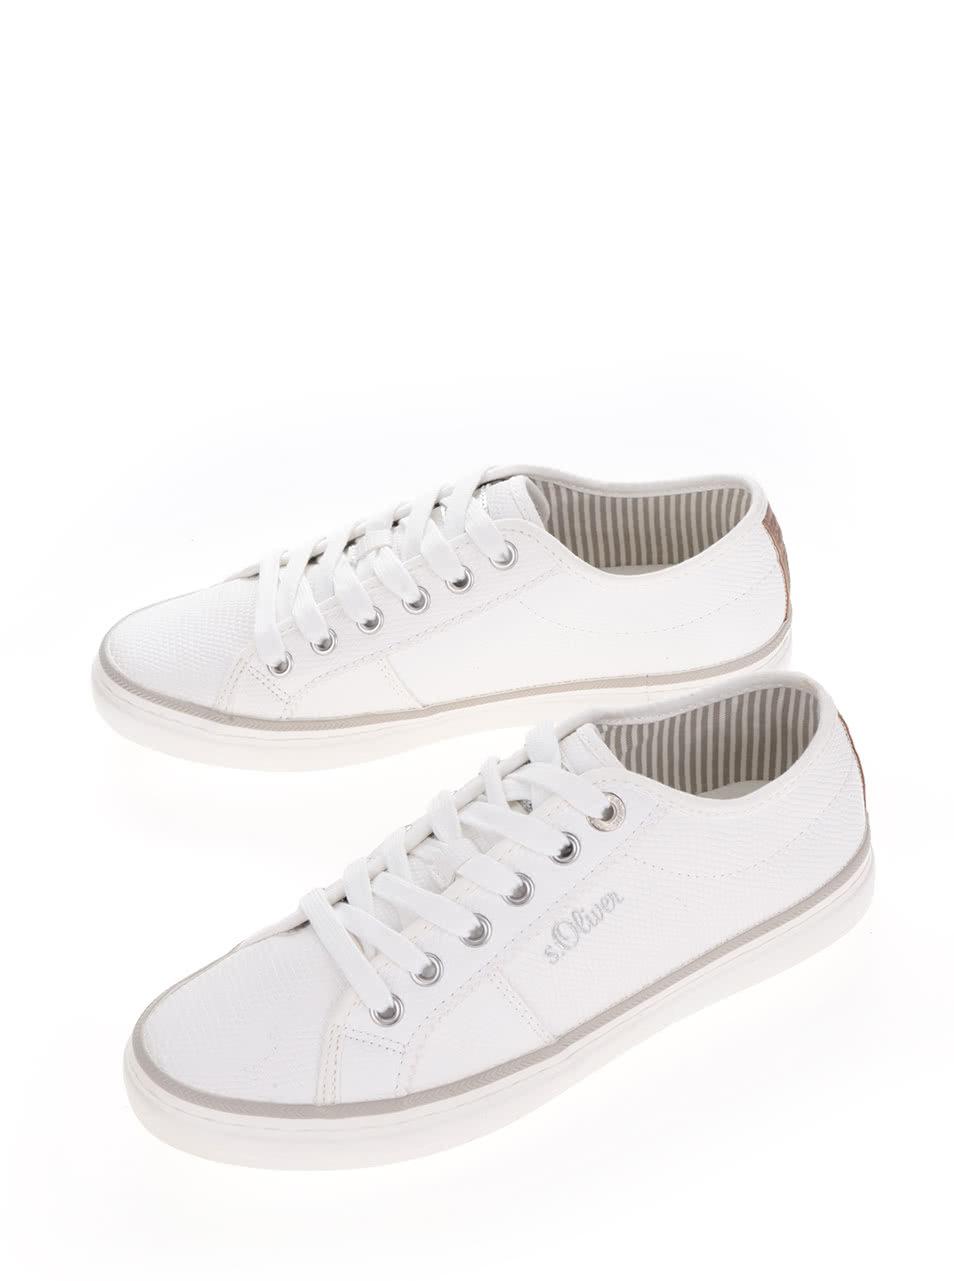 Bílé dámské tenisky s.Oliver ... 976f97ba4a7